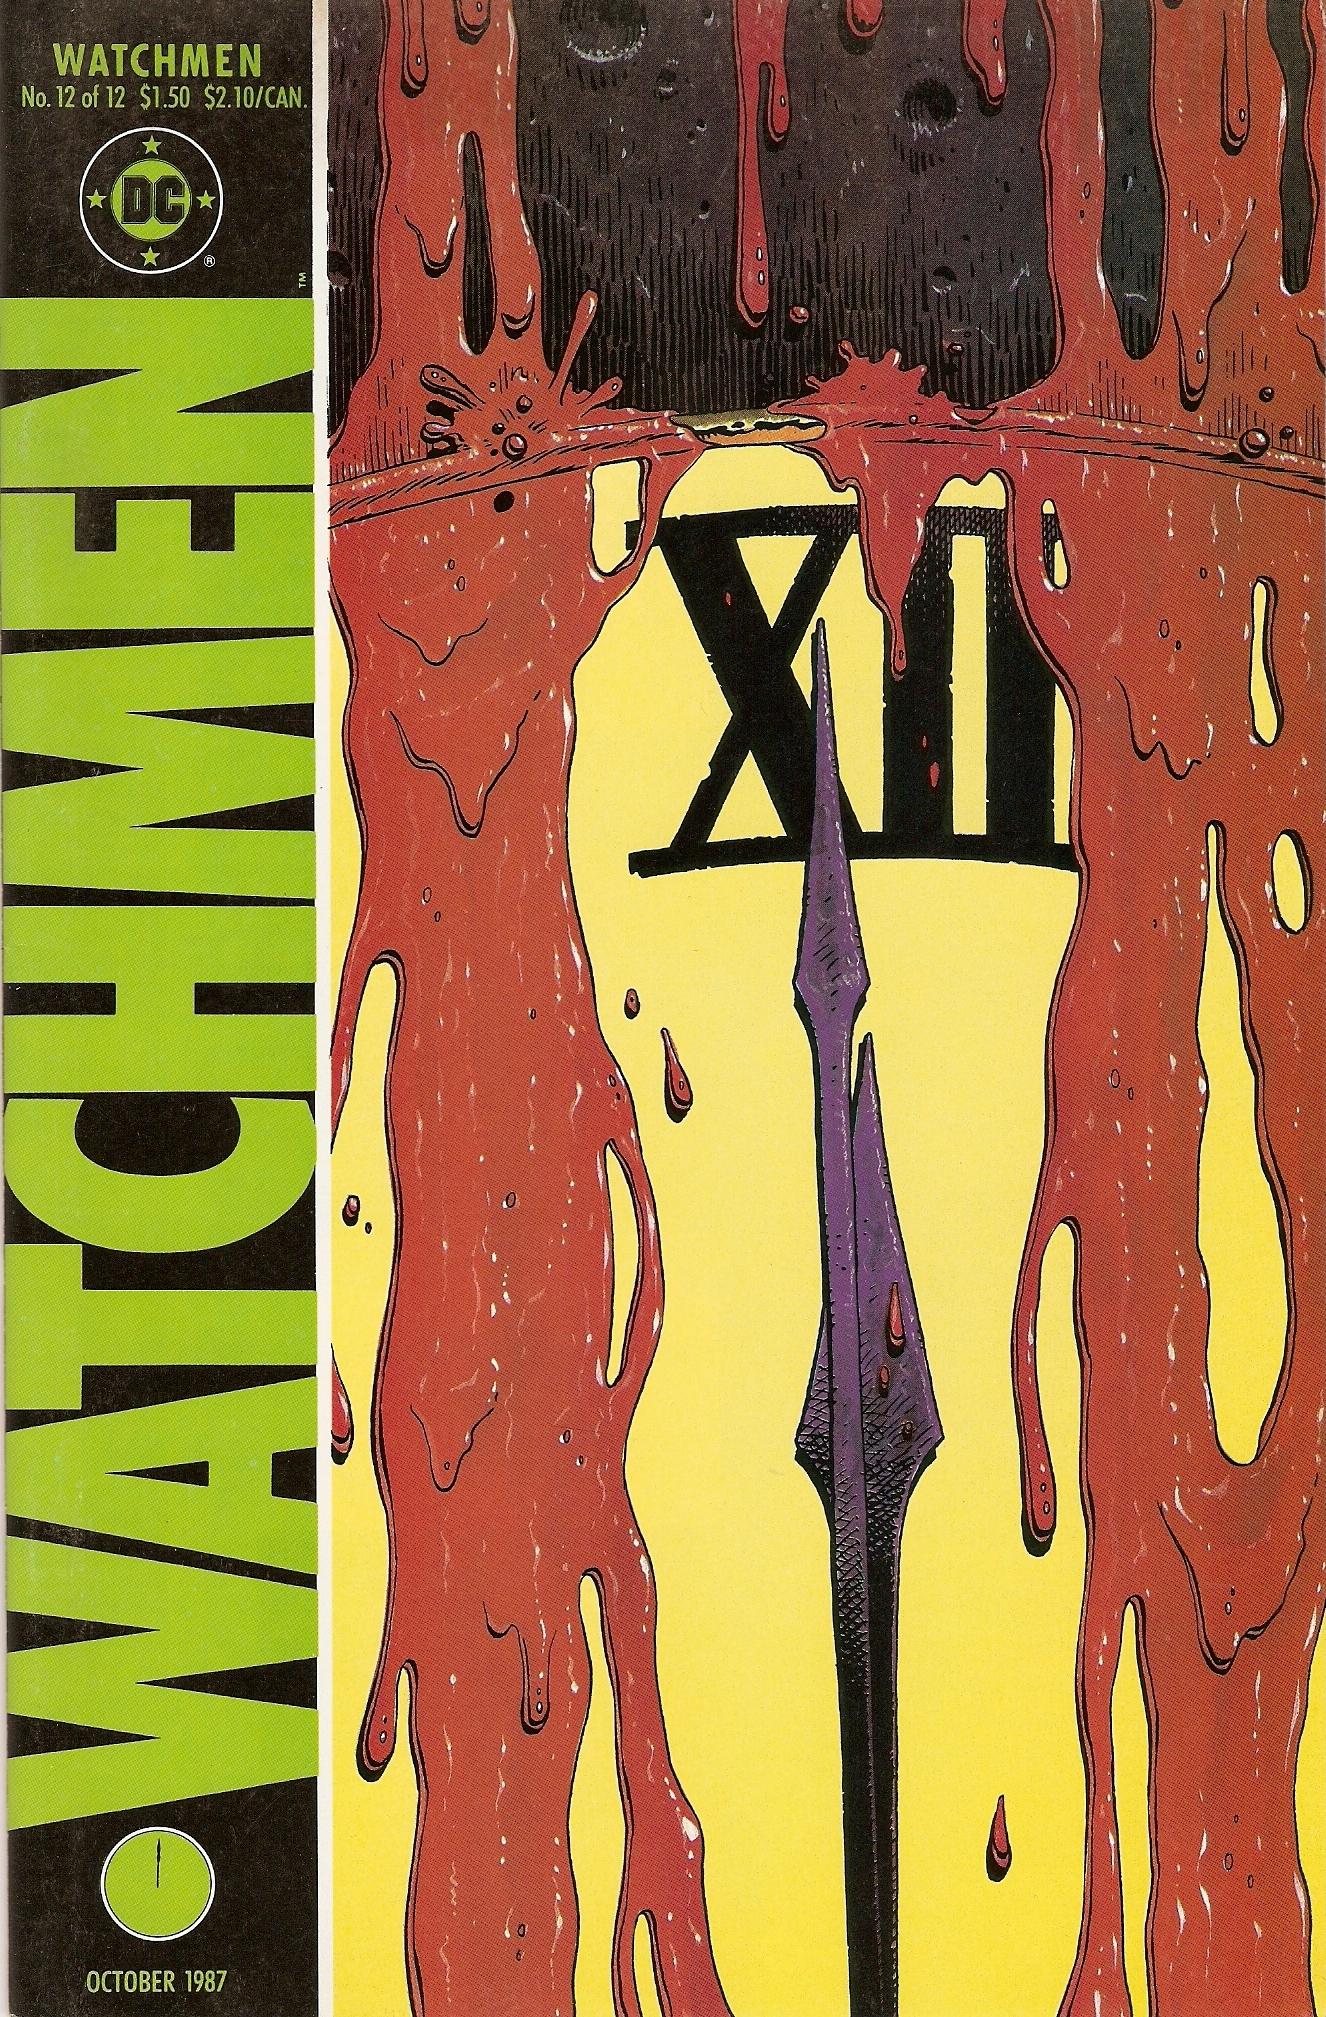 Watchmen issue 12